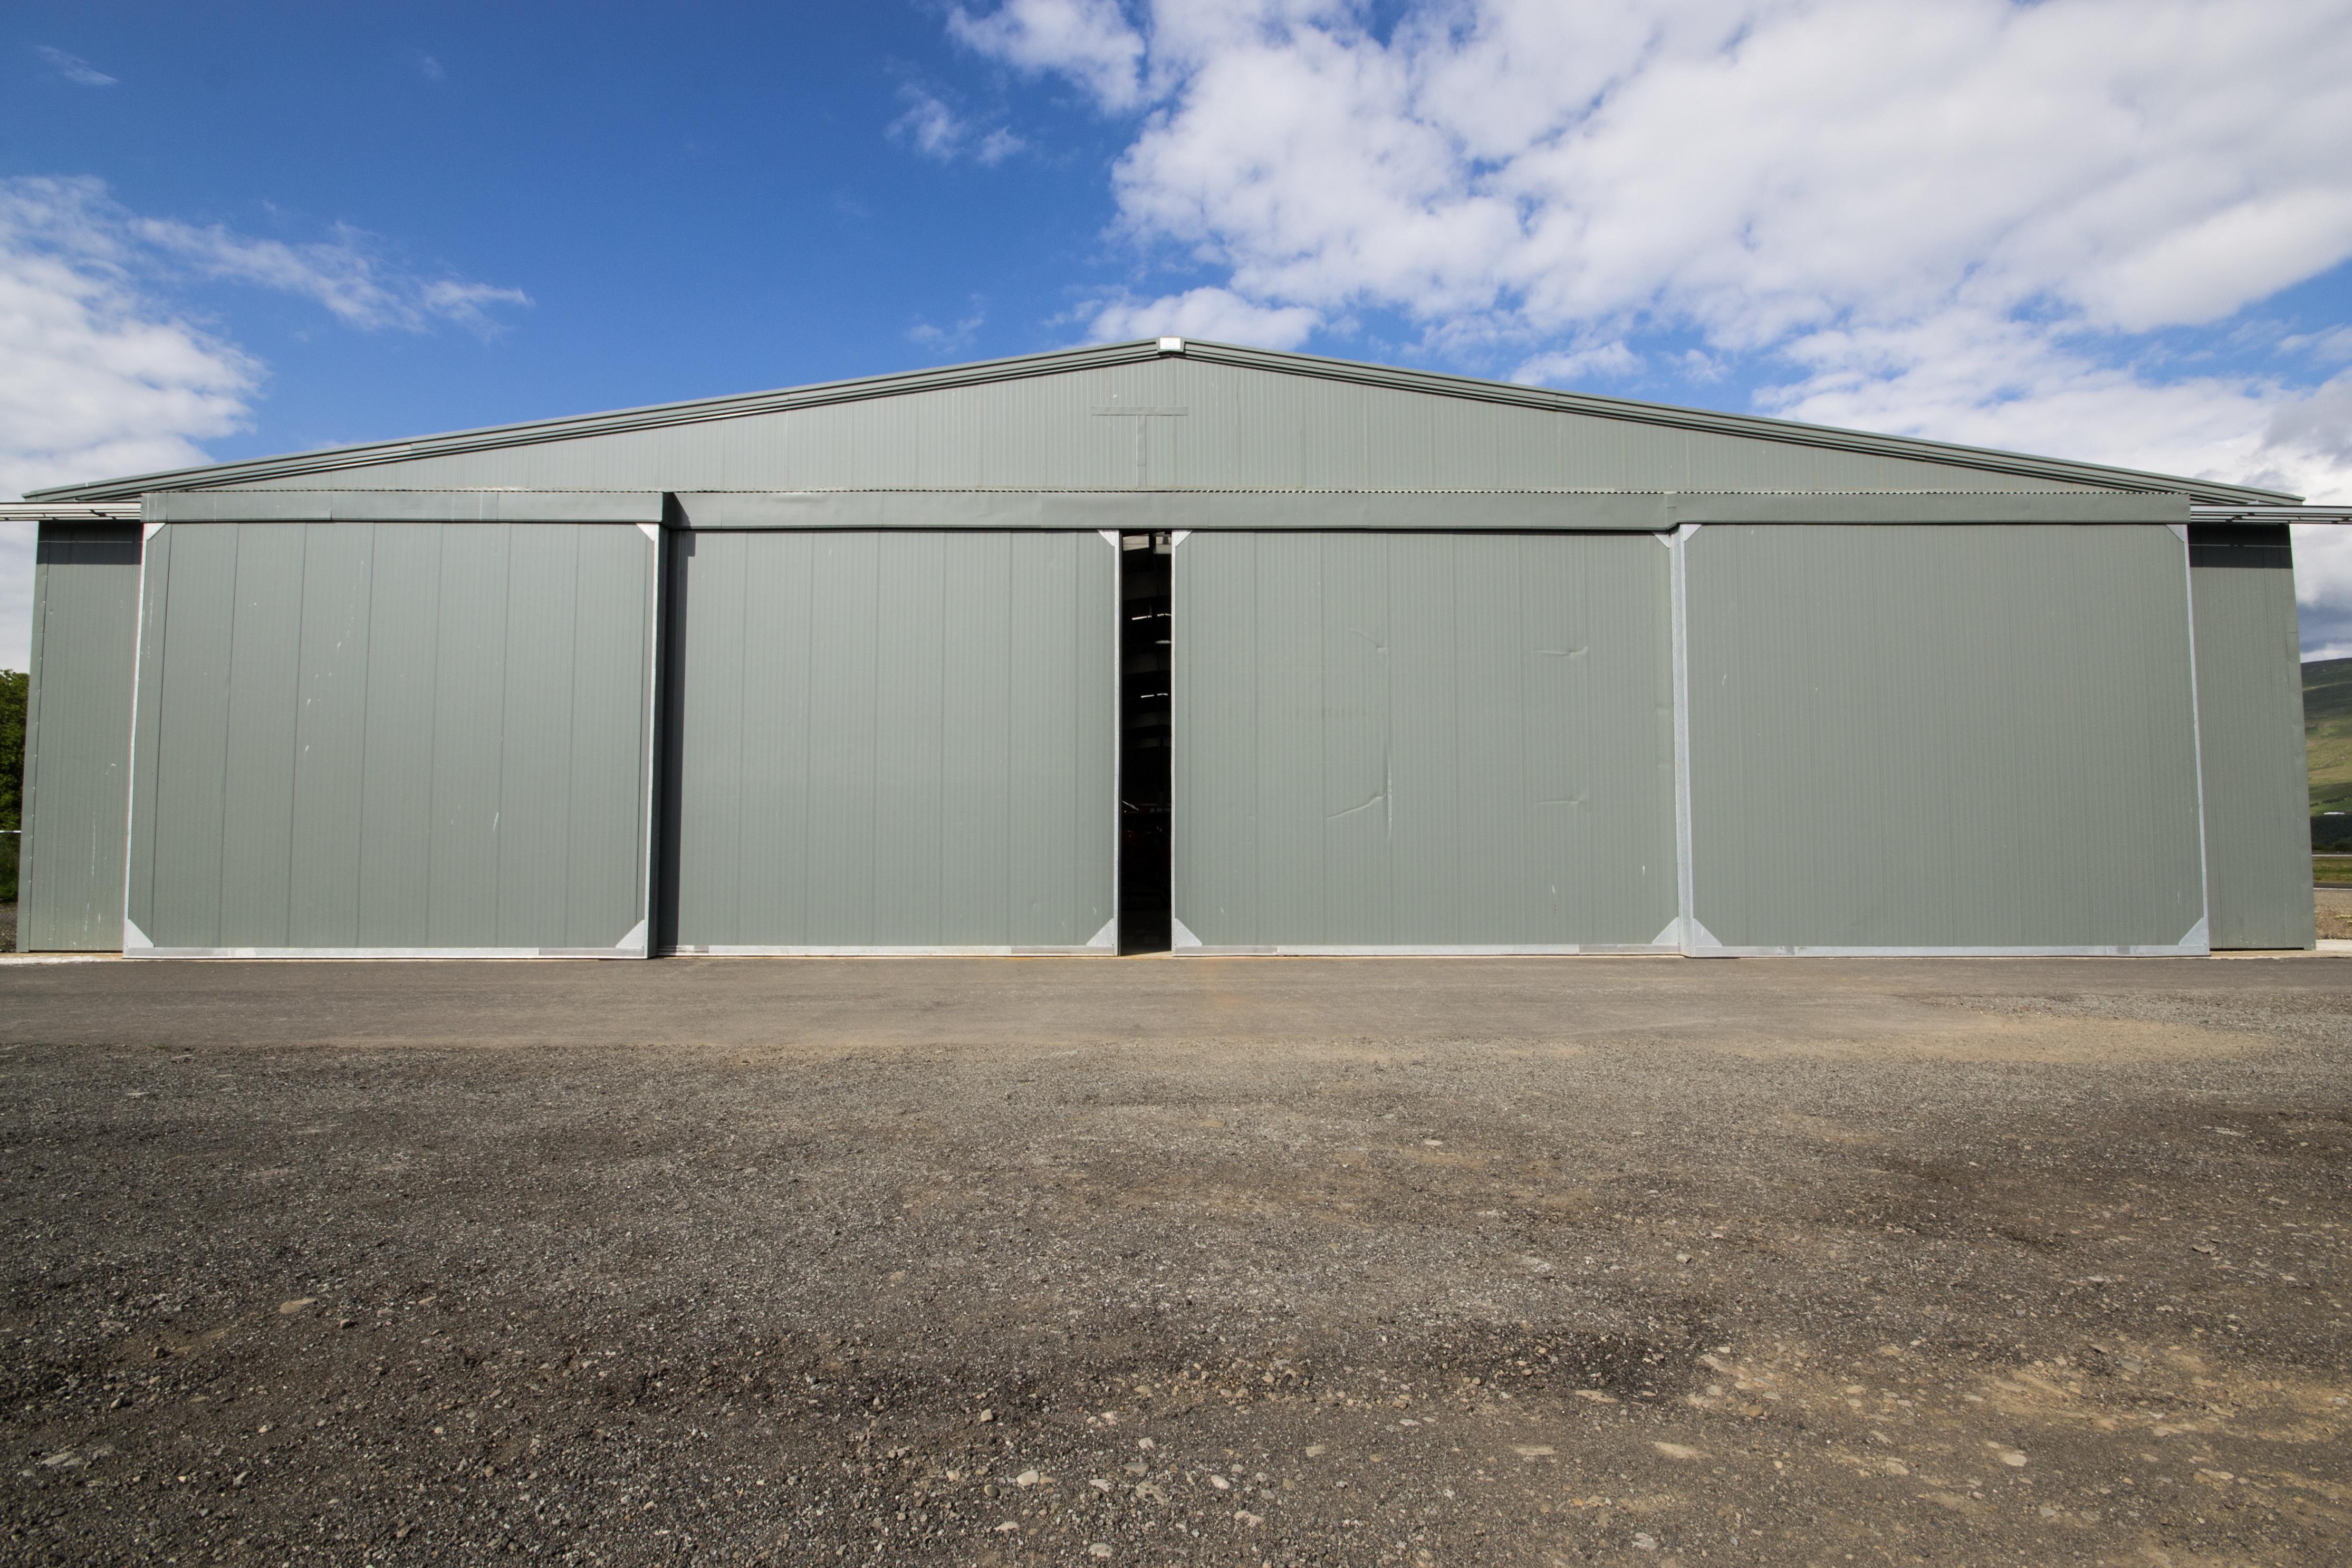 Hangar Per Aerei High Lift Door Inc